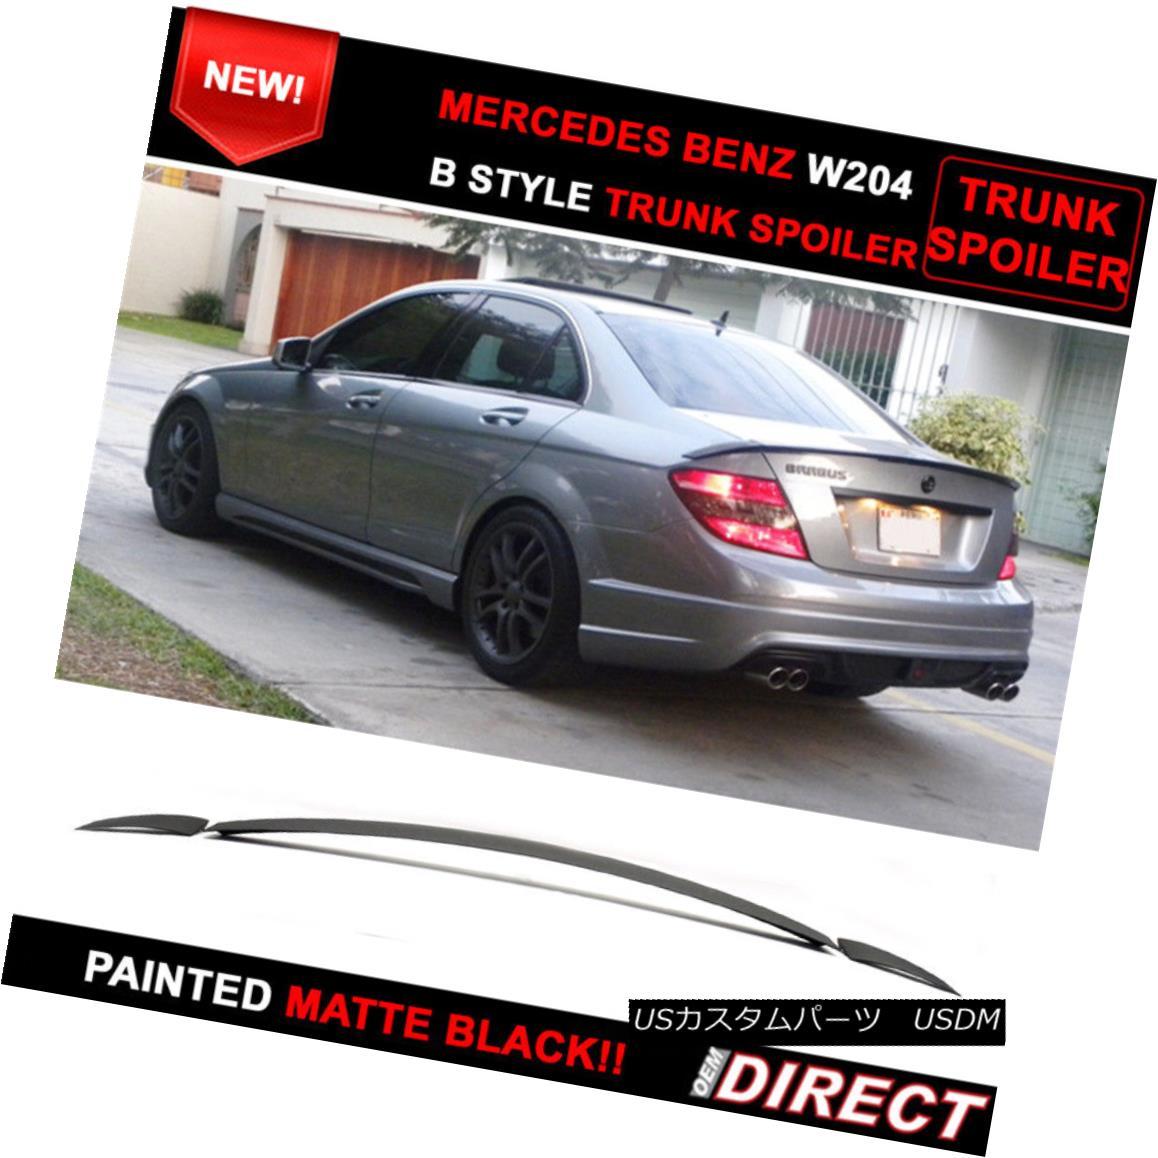 エアロパーツ 07-13 Benz W204 C-Class B Style Painted Matte Black Trunk Spoiler - ABS 07-13ベンツW204 CクラスBスタイル塗装マットブラックトランクスポイラー - ABS